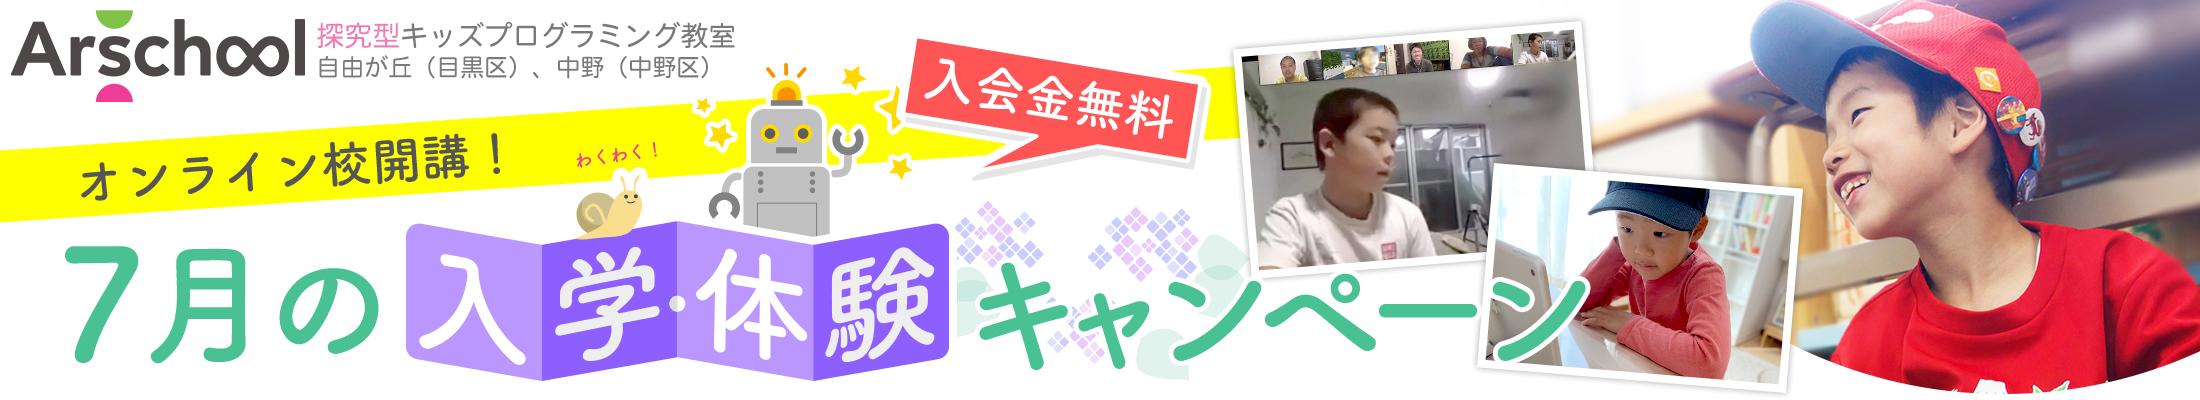 入会金無料キャンペーン7月